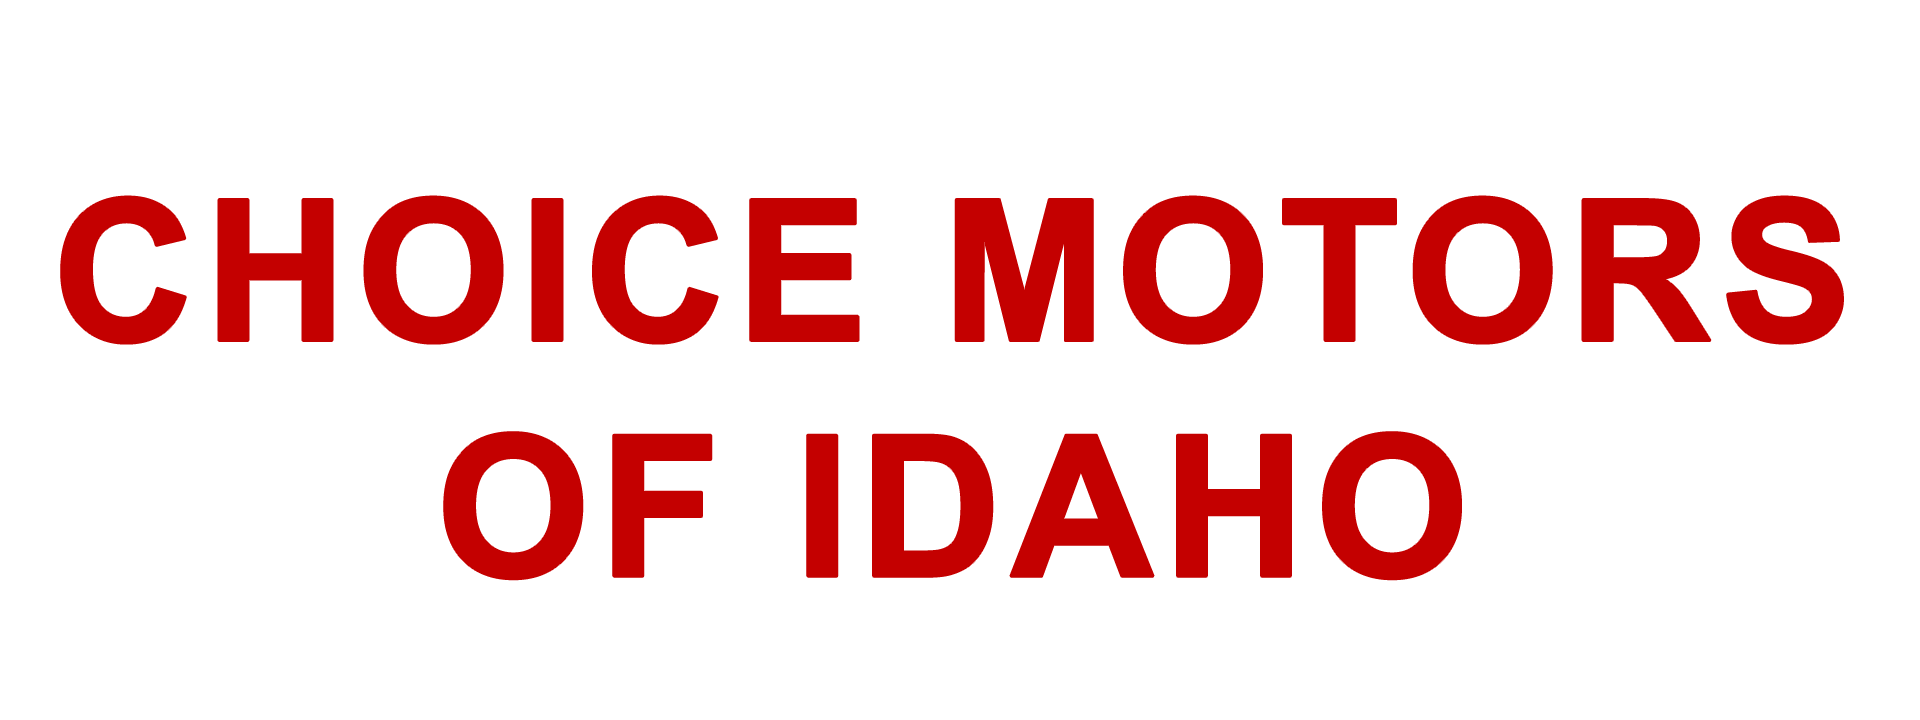 Choice Motors of Idaho